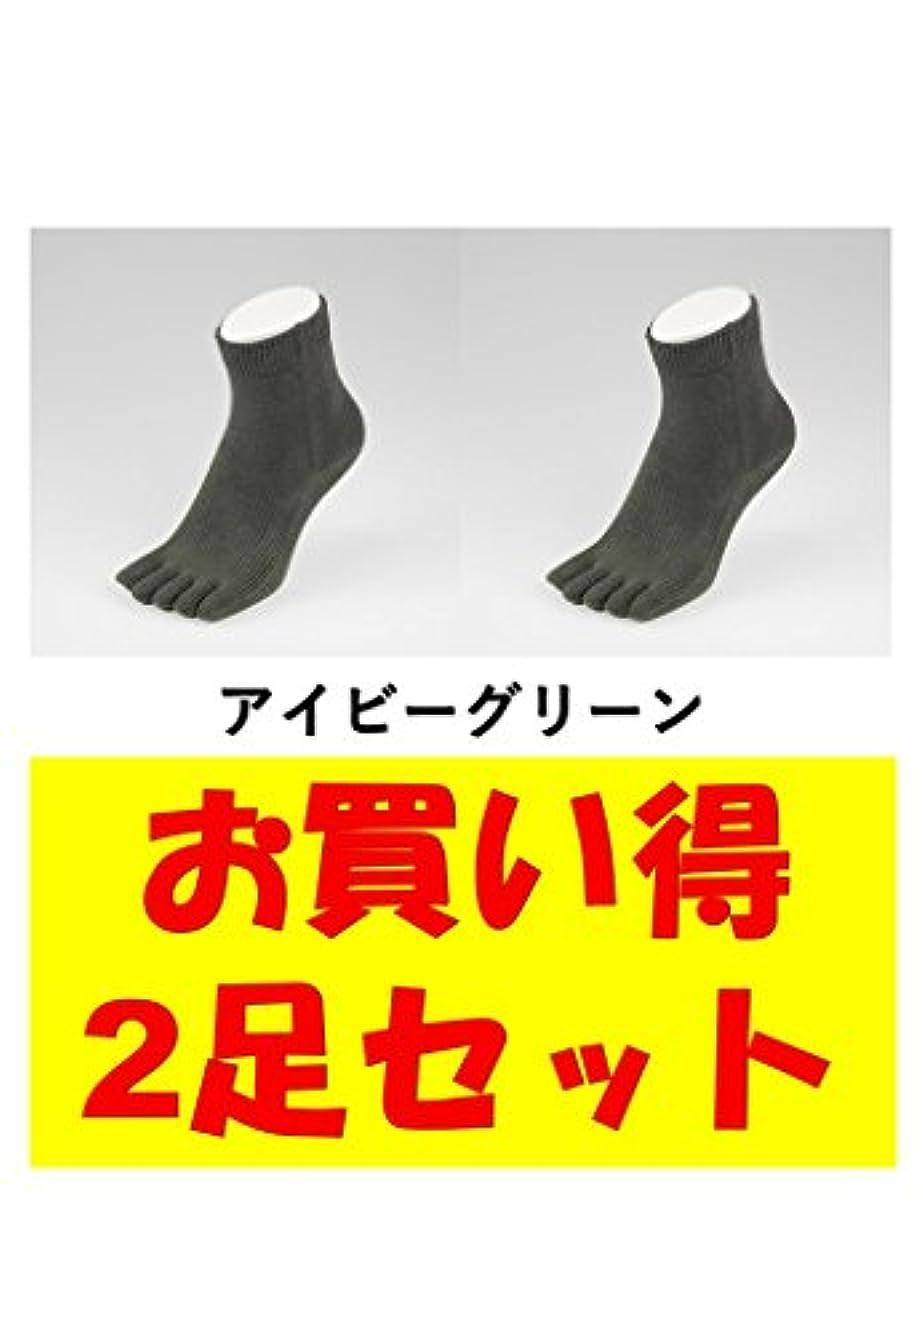 ブロンズちょっと待って迷惑お買い得2足セット 5本指 ゆびのばソックス Neo EVE(イヴ) アイビーグリーン iサイズ(23.5cm - 25.5cm) YSNEVE-IGR